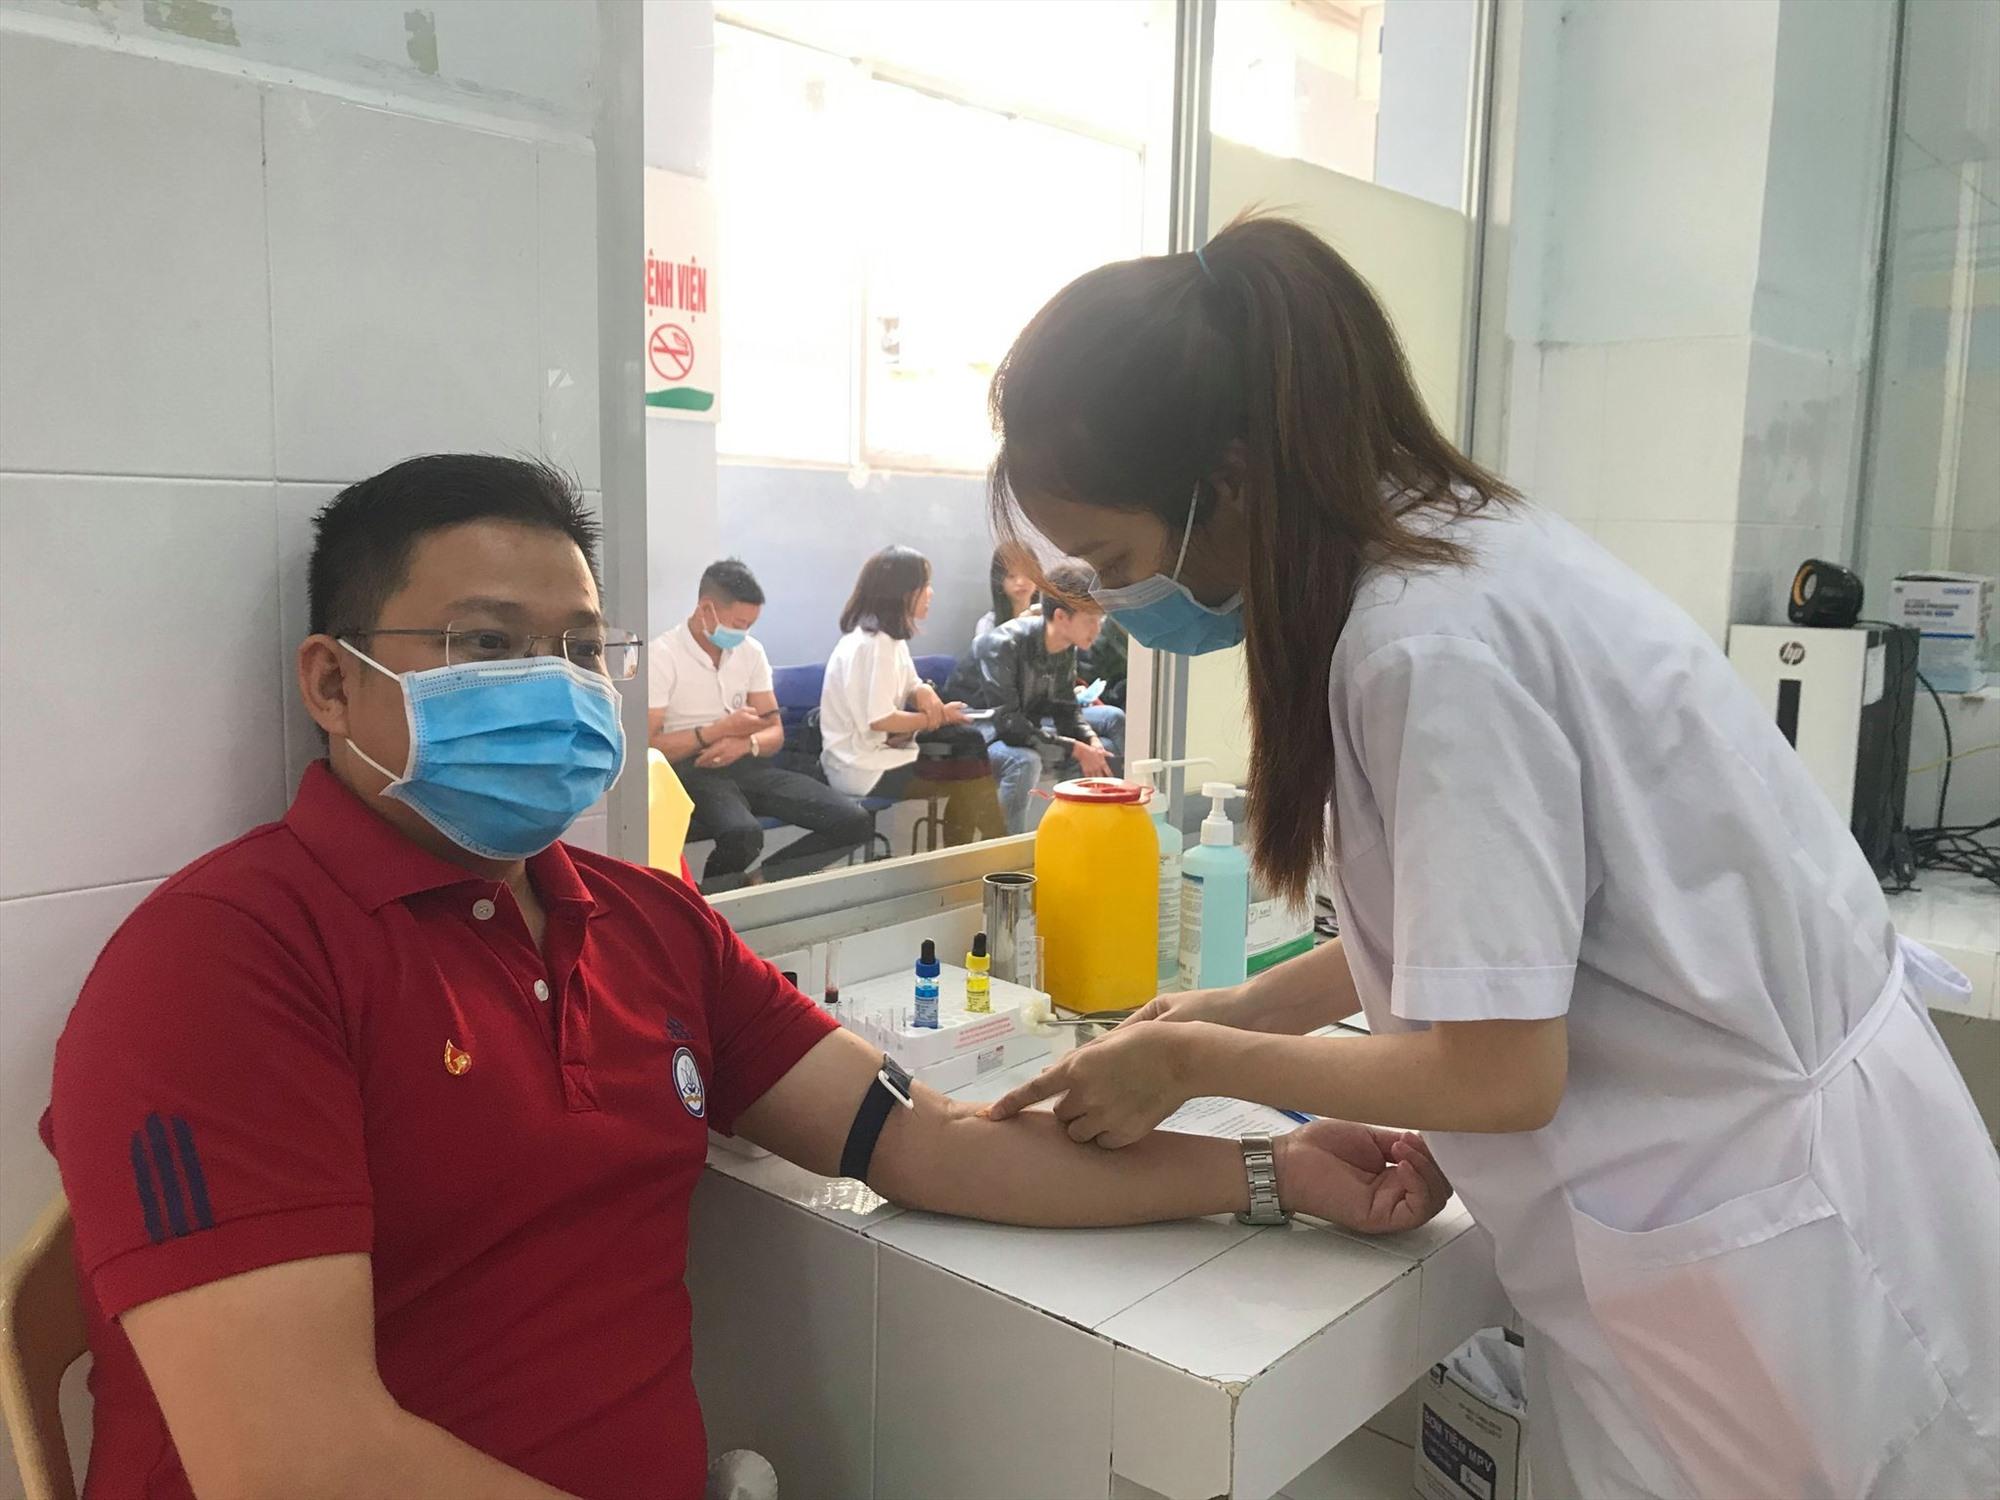 Kiểm tra sức khỏe trước khi hiến máu tại Bệnh viện Đa khoa Quảng Nam. Ảnh: C.N